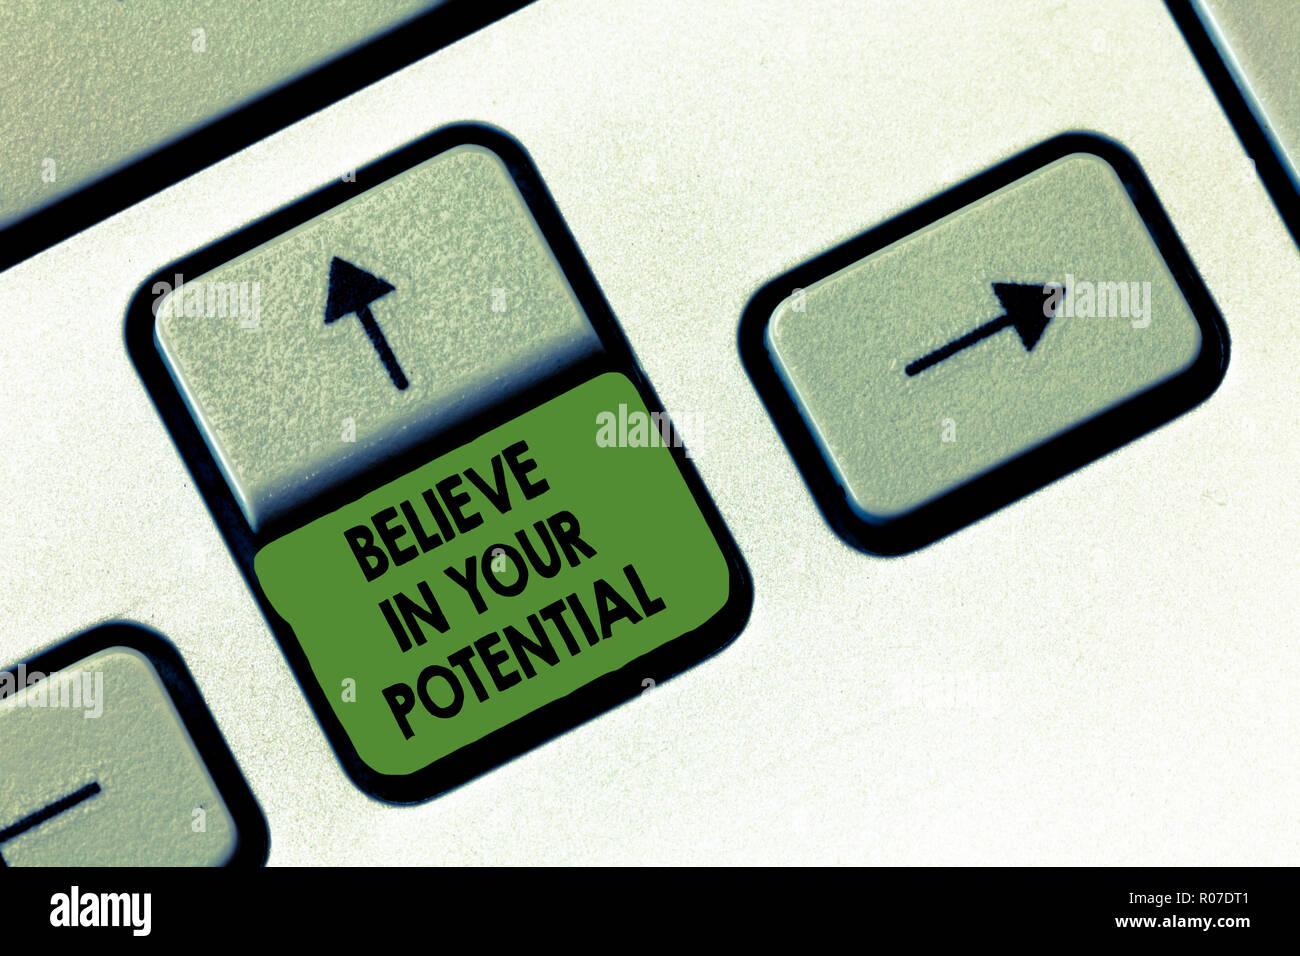 La Credenza Significato : Scrittura testo di credere nel tuo potenziale. concetto